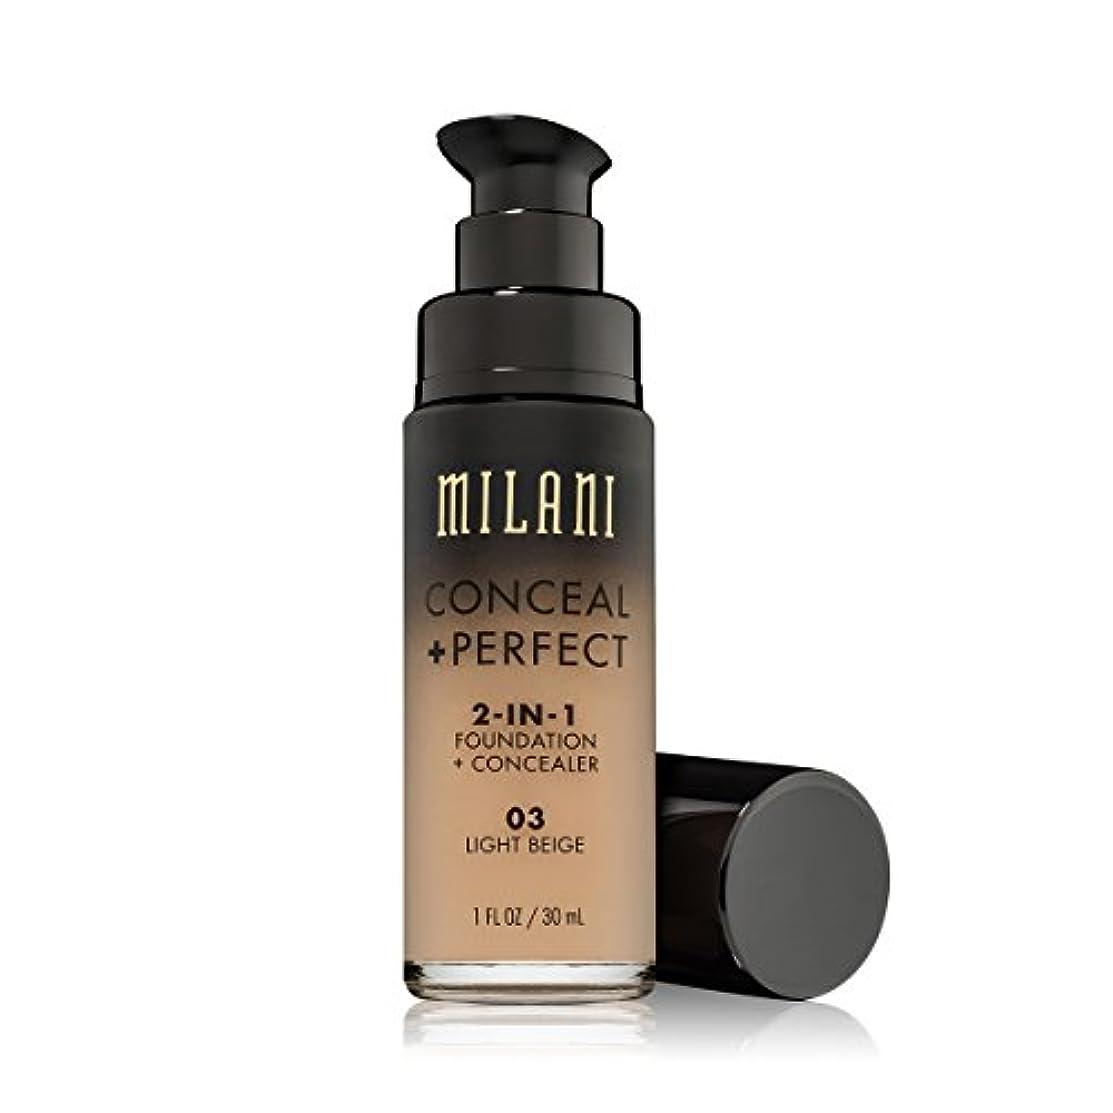 人工変装暴徒MILANI Conceal + Perfect 2-In-1 Foundation + Concealer - Light Beige (並行輸入品)